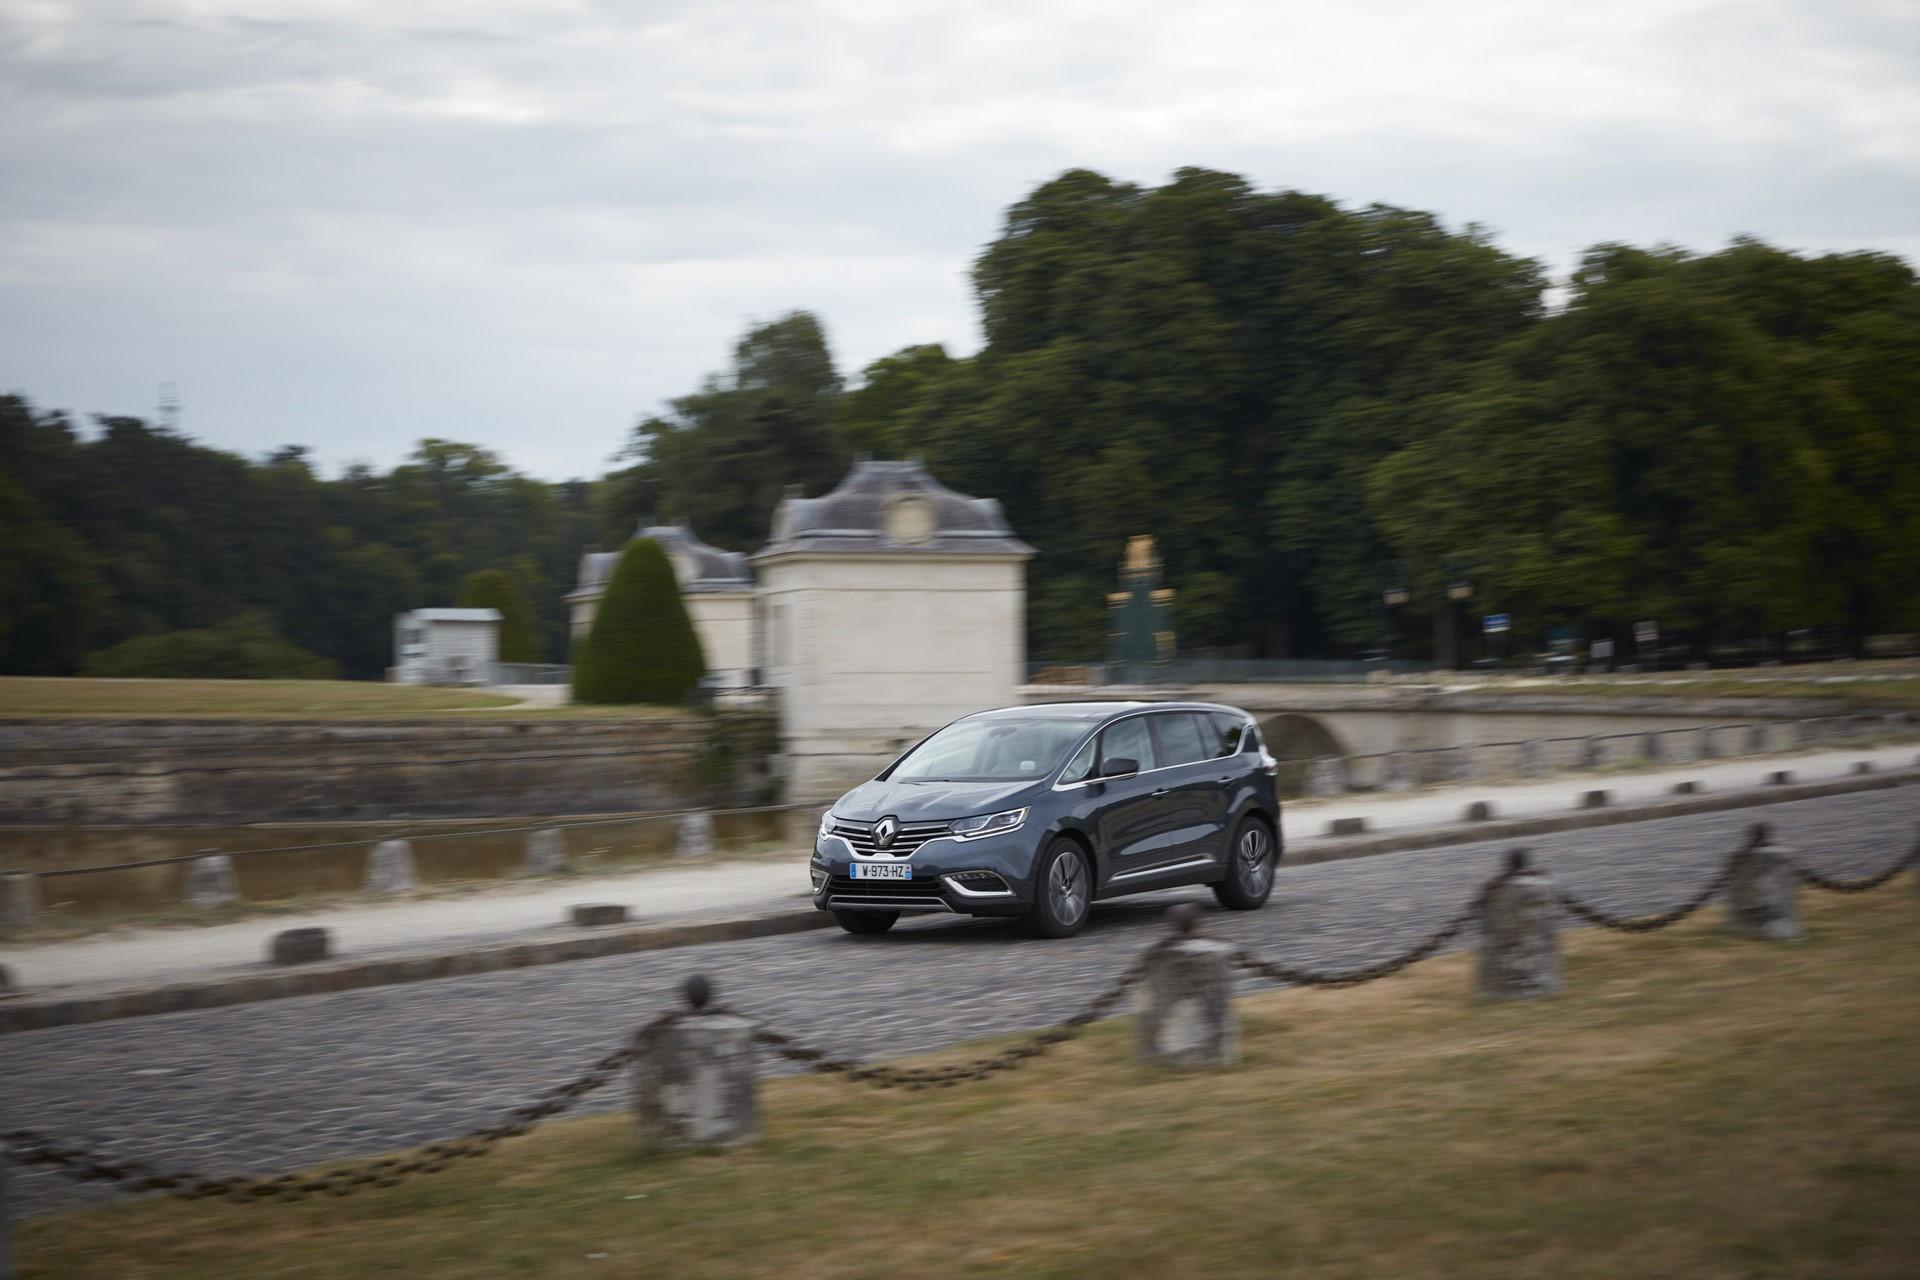 Renault_93225_global_en